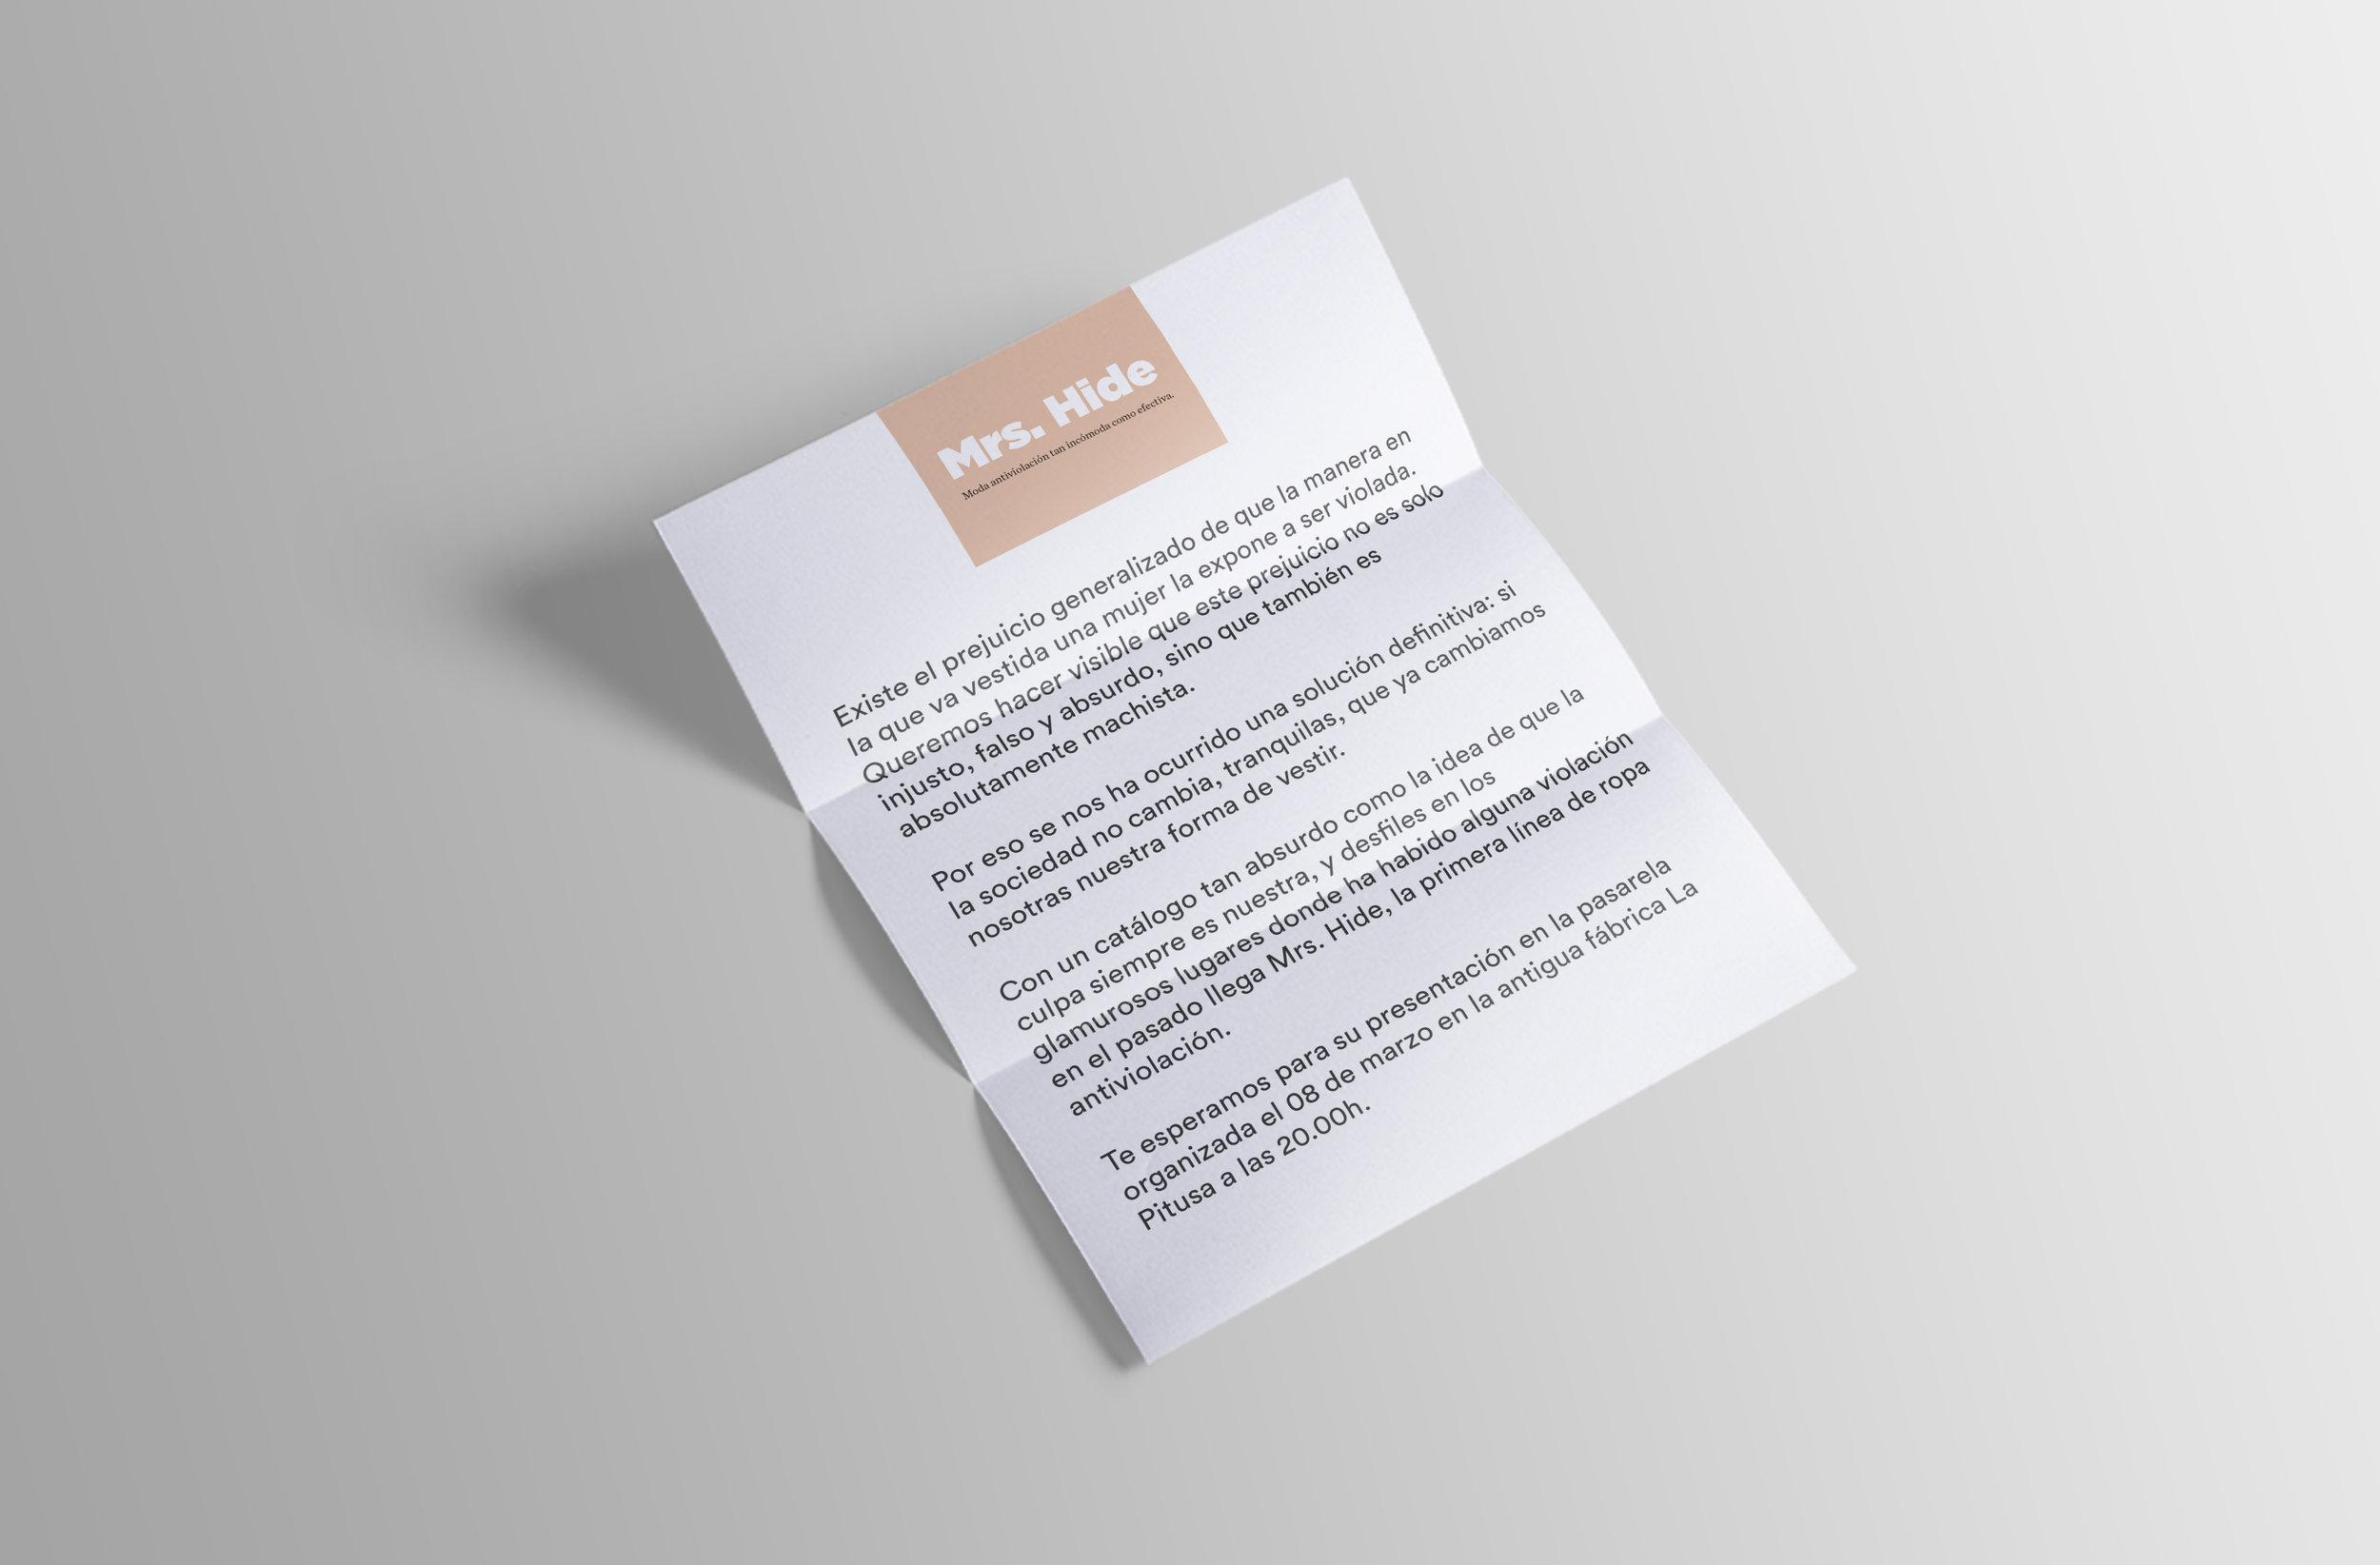 Carta de invitación al lanzamiento